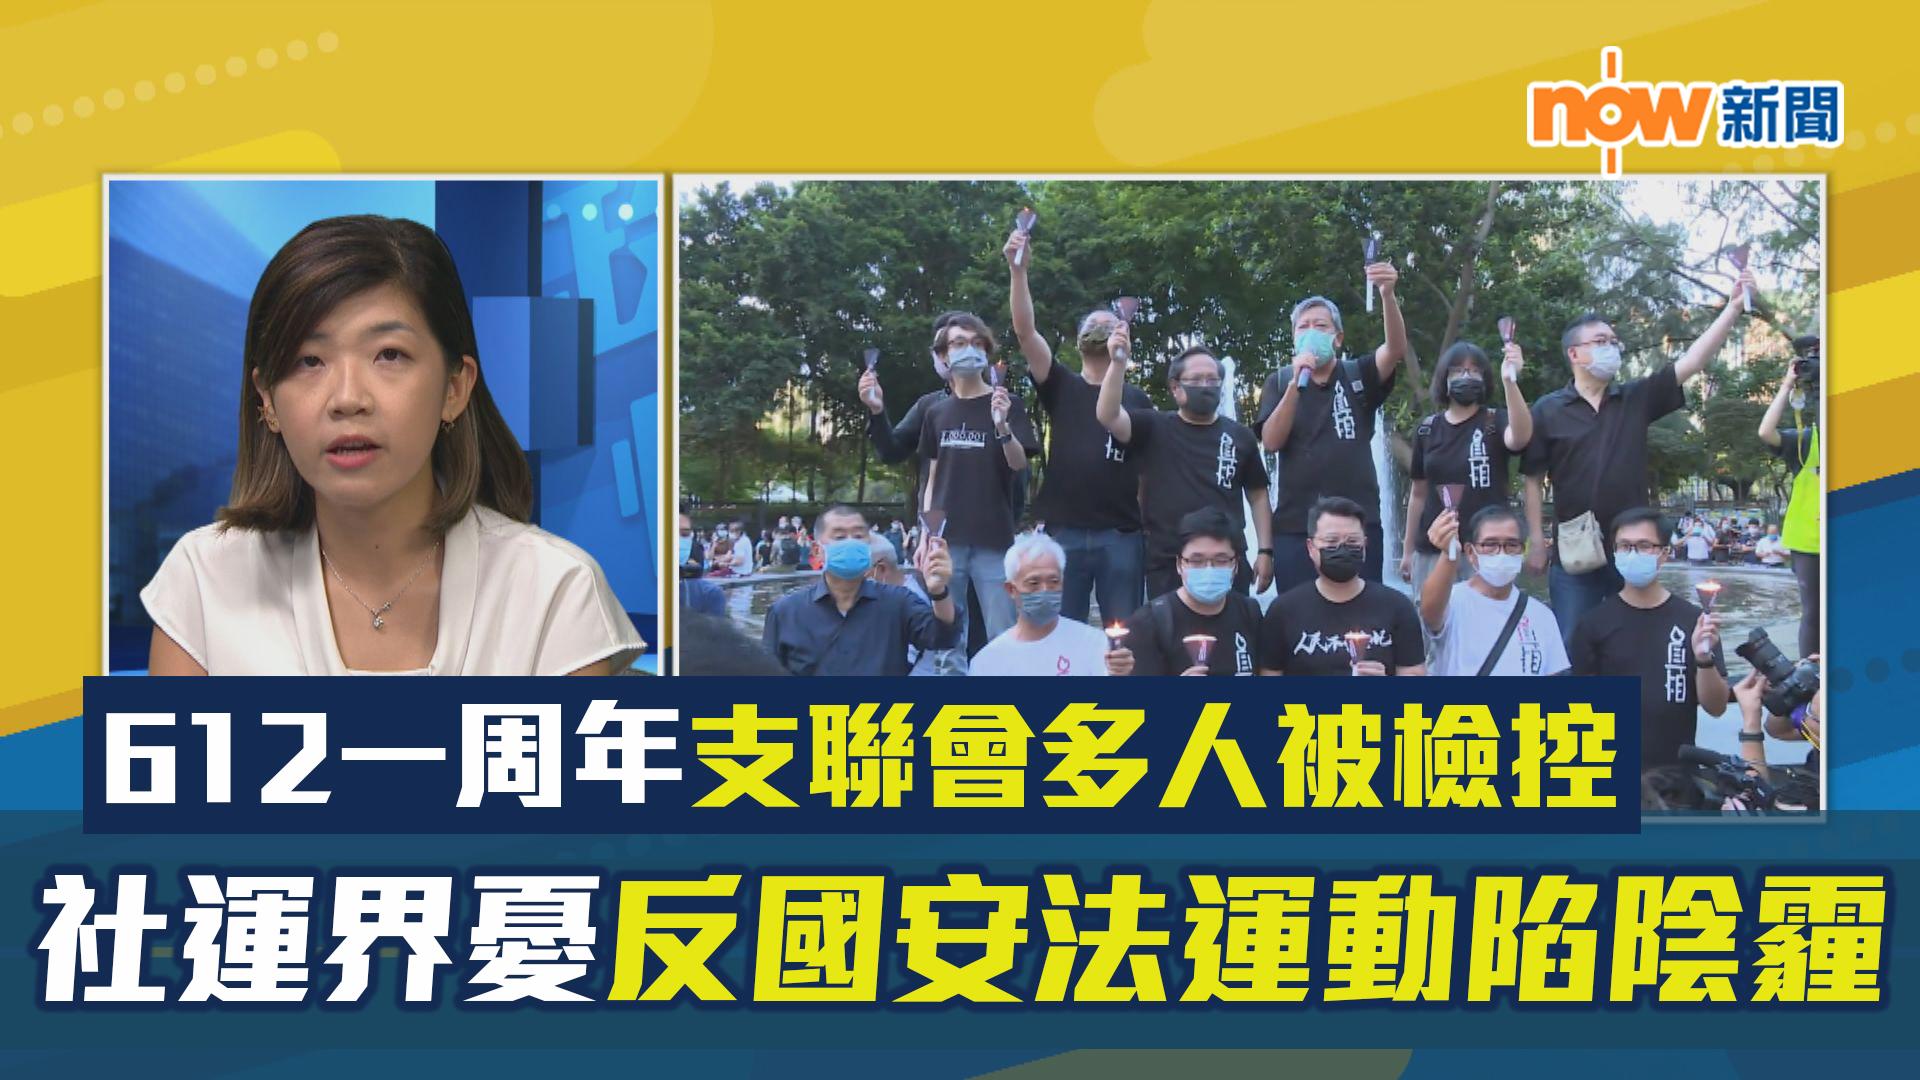 【政情】612一周年支聯會多人被檢控 社運界憂反國安法運動陷陰霾